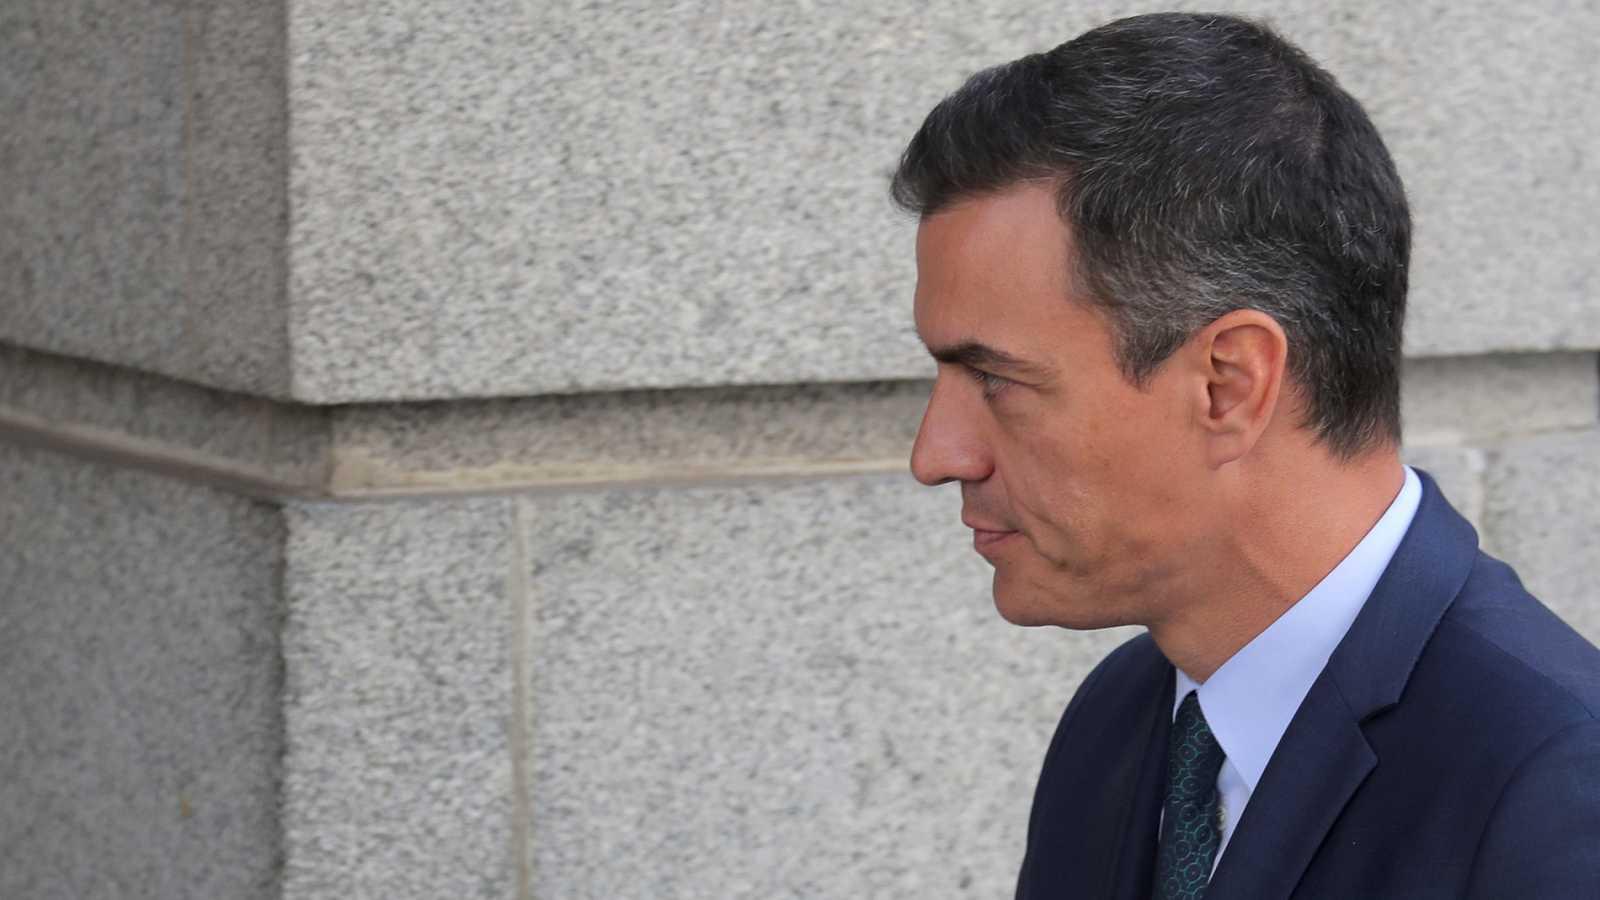 Sánchez vuelve a rechazar un gobierno de coalición y confía en que un acuerdo programático evite nuevas elecciones